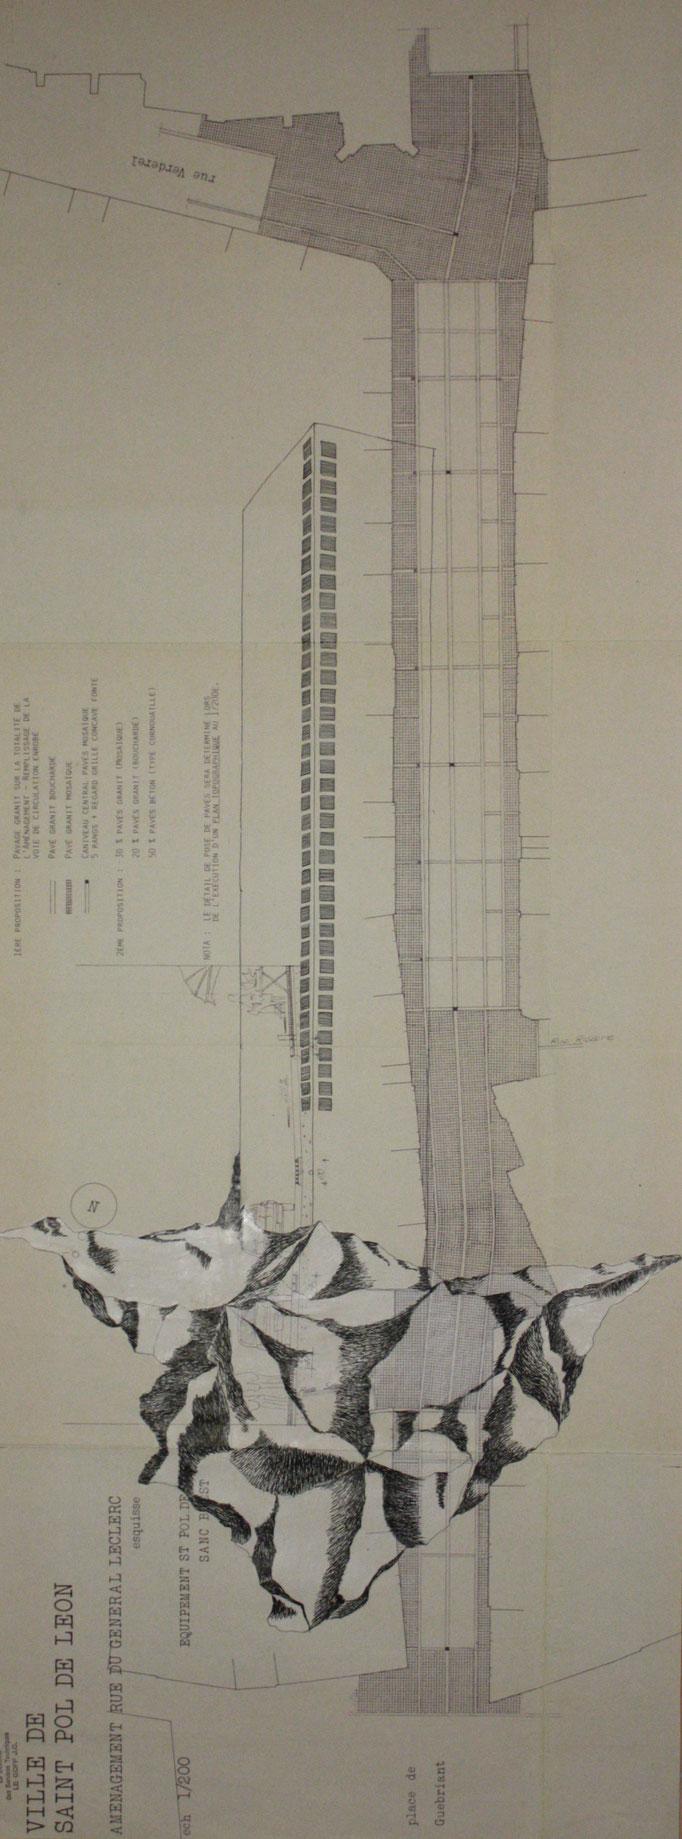 Tour I, dessin à l'encre sur plan d'urbanisme, 20x75 cm , 2012.